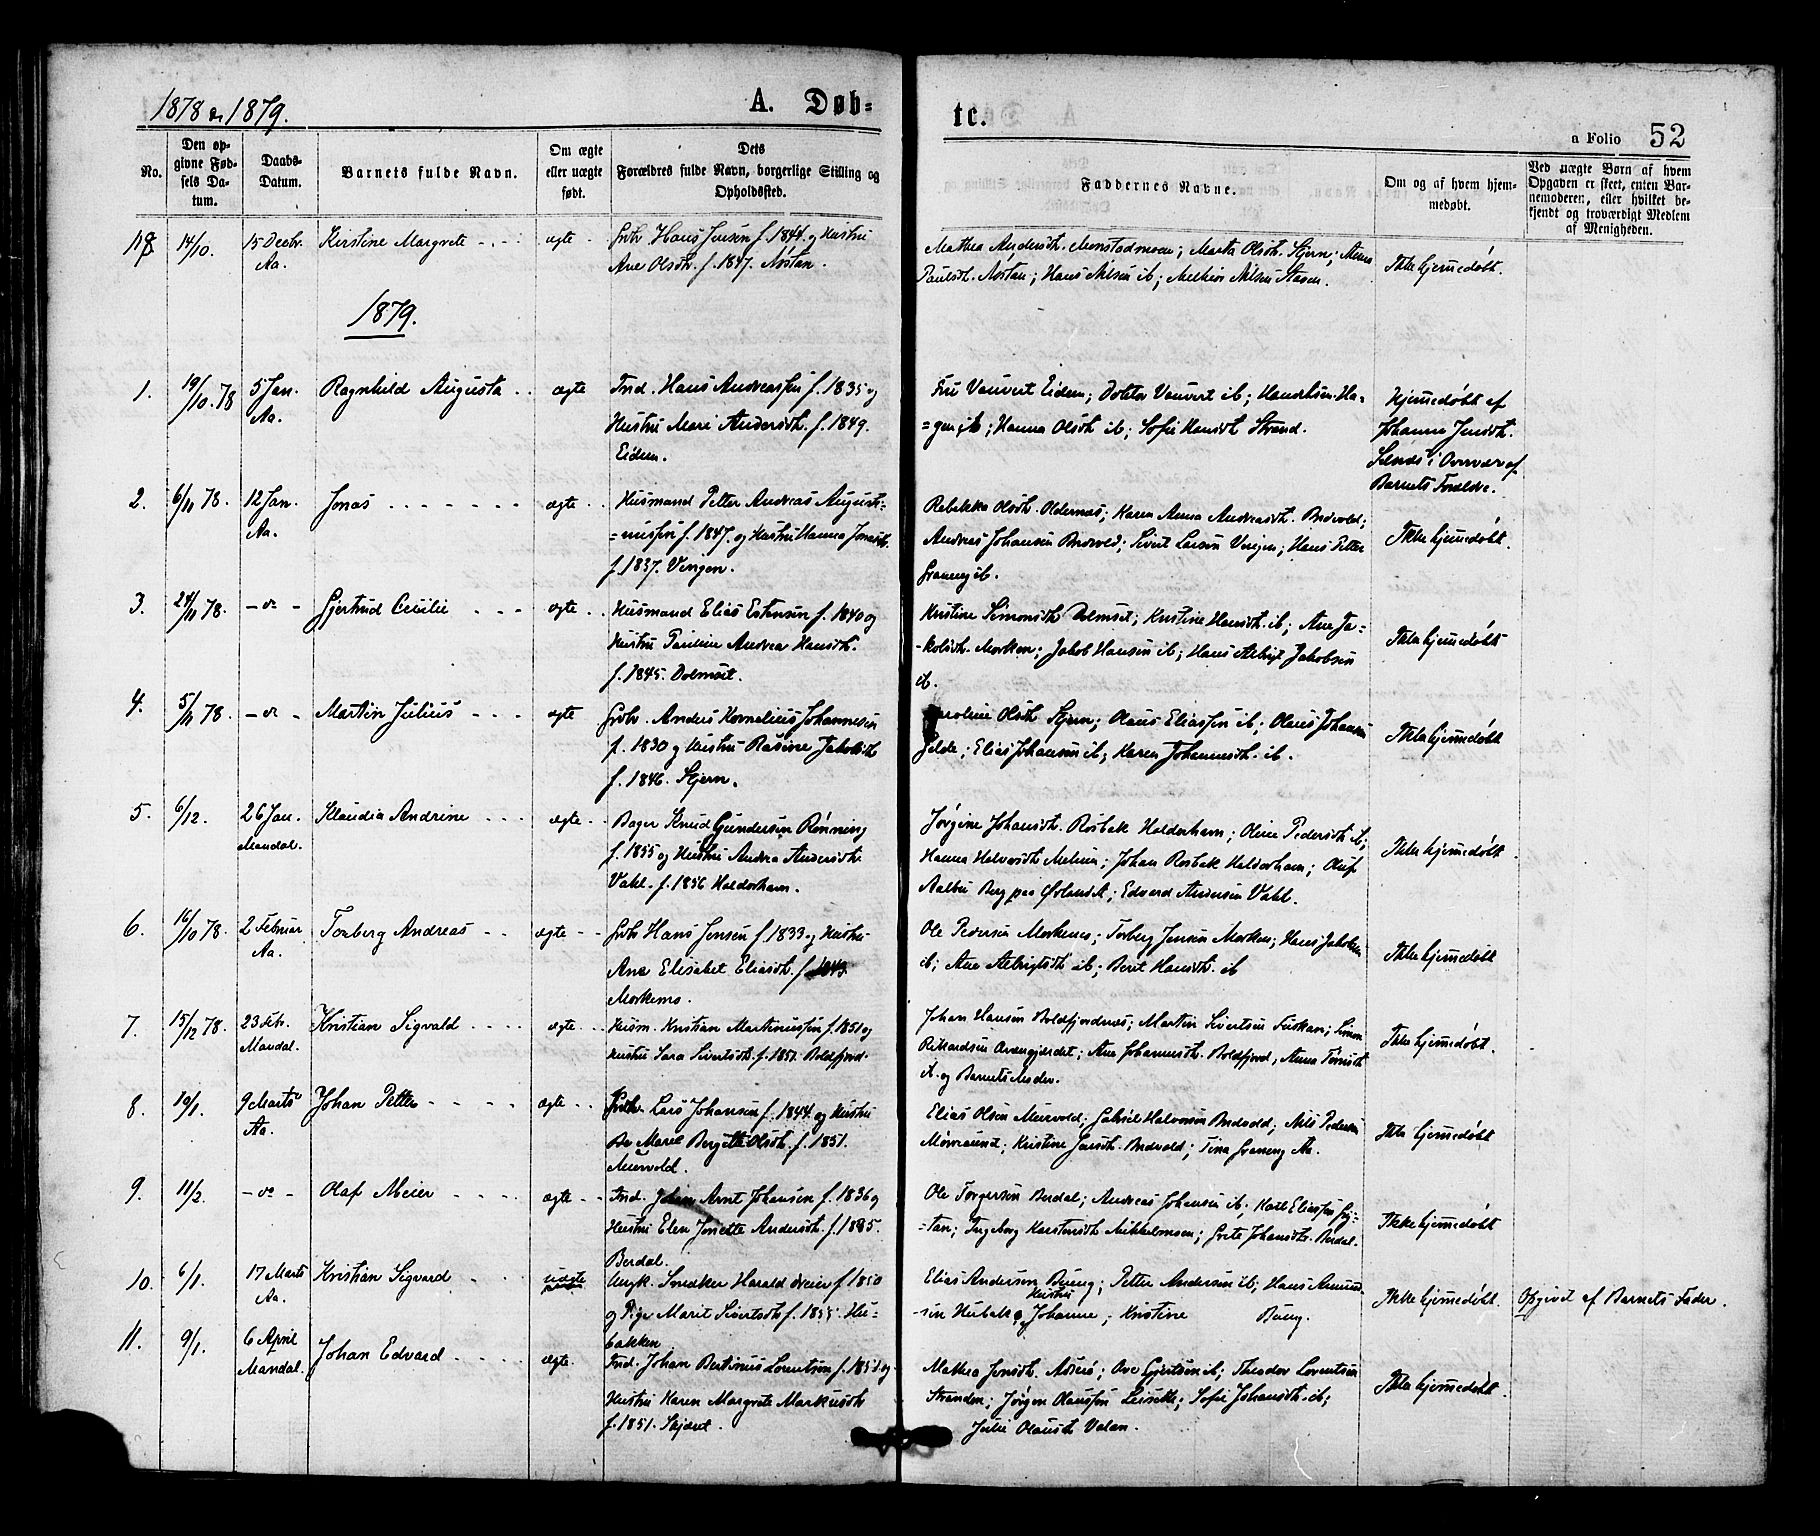 SAT, Ministerialprotokoller, klokkerbøker og fødselsregistre - Sør-Trøndelag, 655/L0679: Ministerialbok nr. 655A08, 1873-1879, s. 52